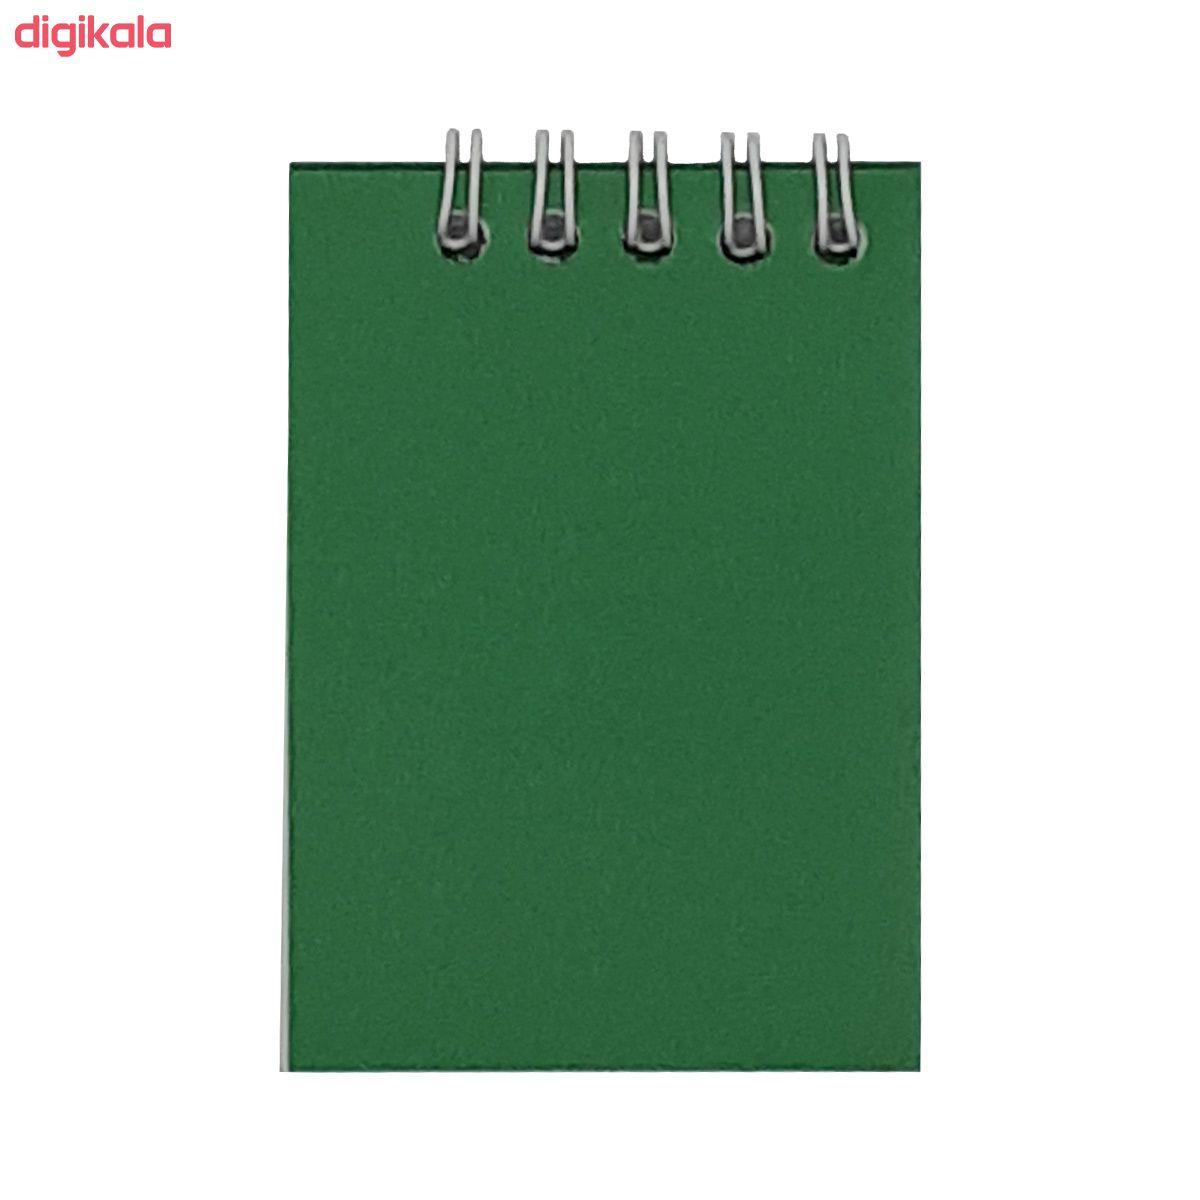 دفترچه یادداشت 60 برگ الماس مدل B-SD-T5 main 1 2